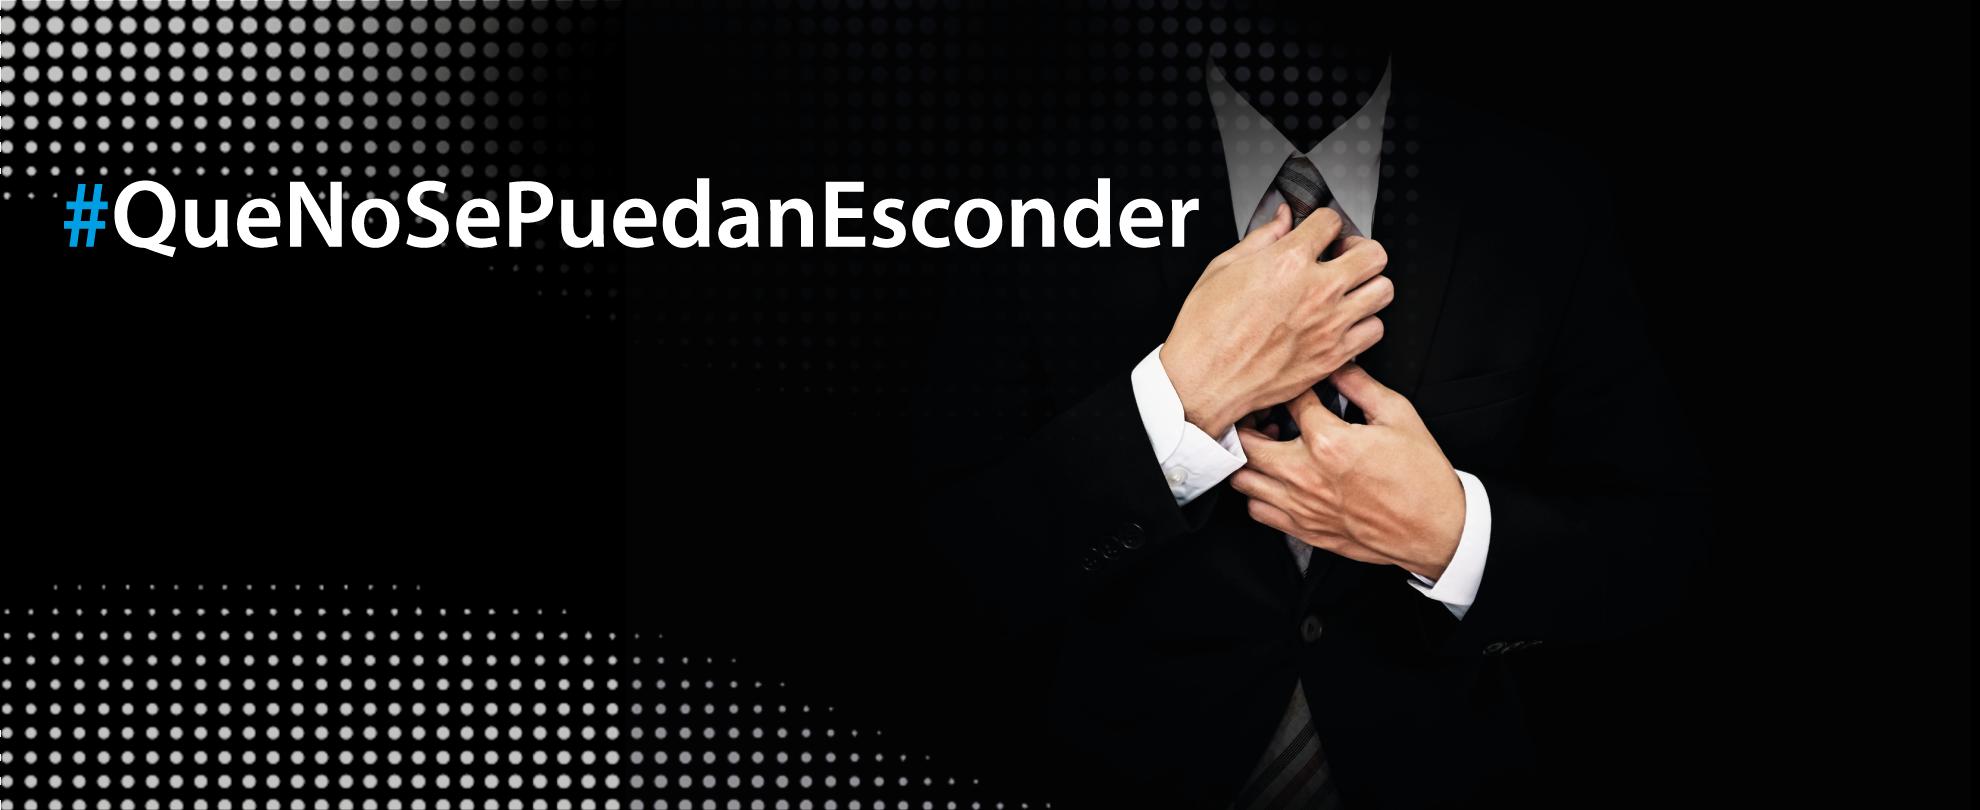 #QueNoSePuedanEsconder